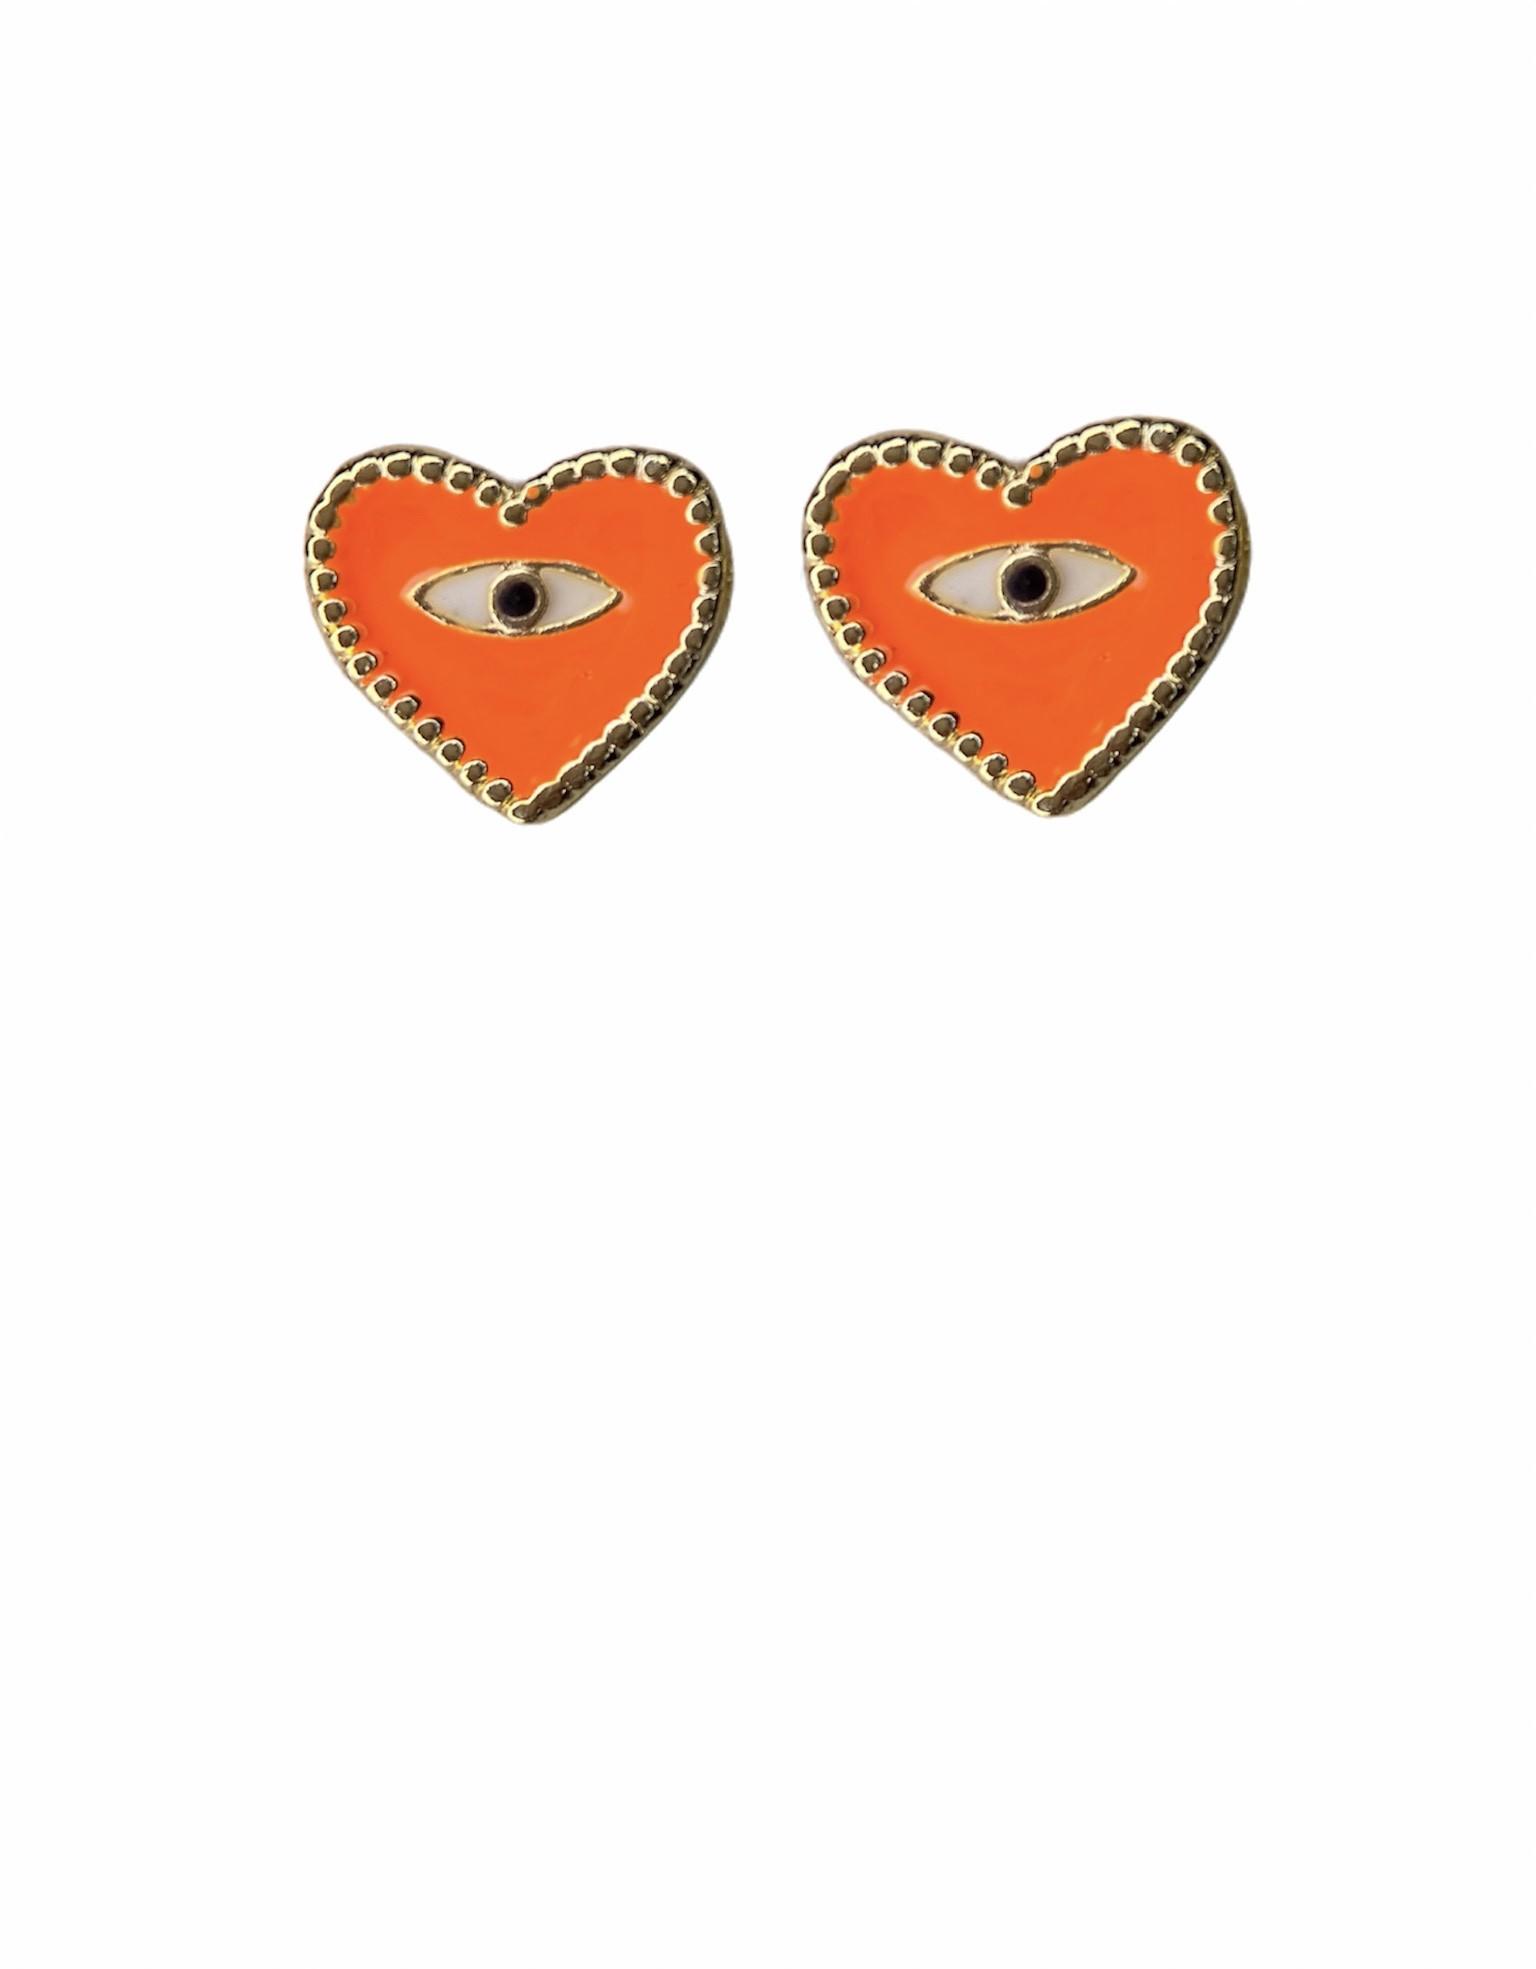 Brinco Coração resinado / Olho Grego - Banho em ouro 18K